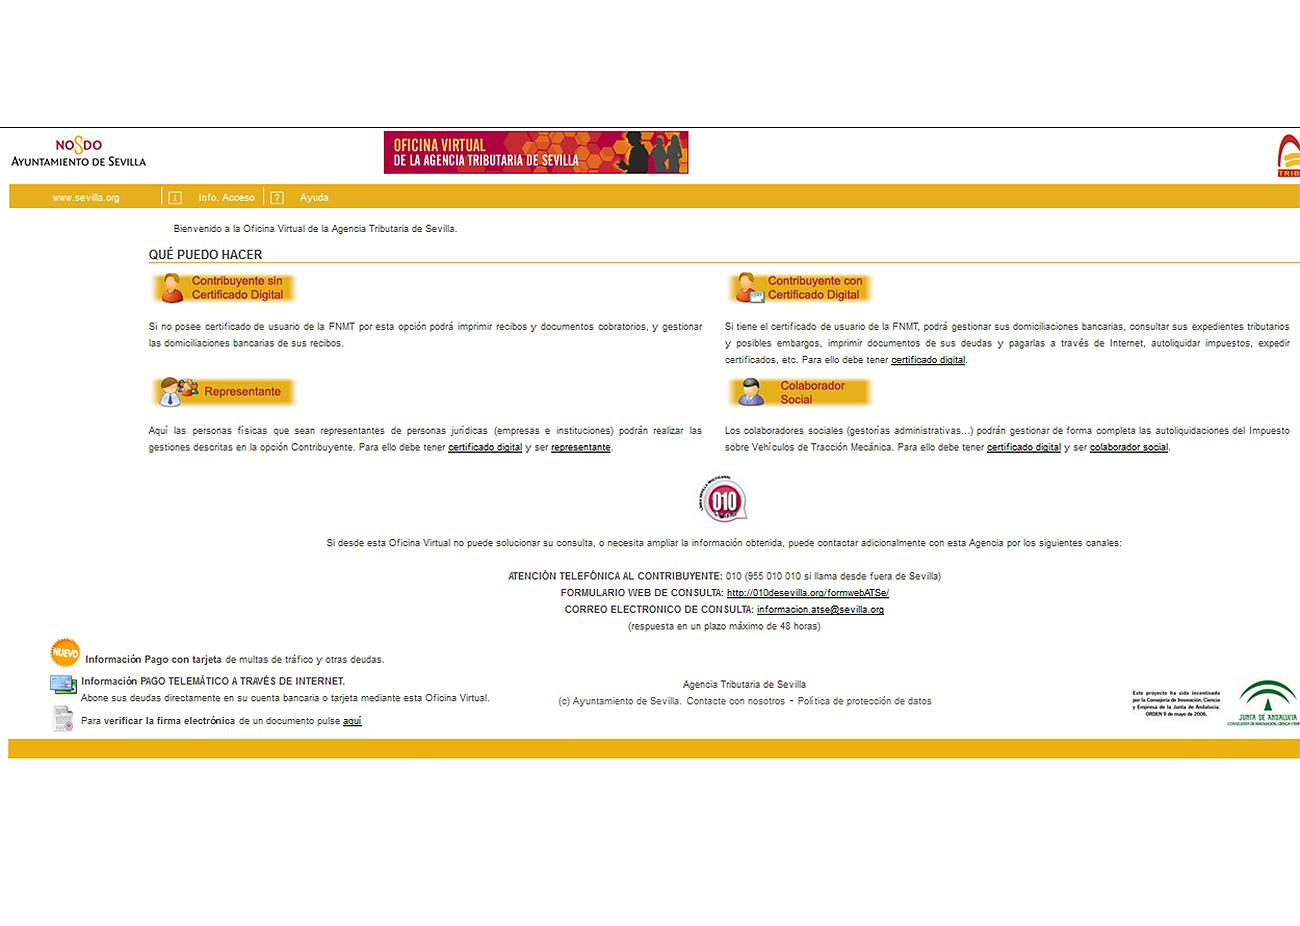 Imagen de la Web del Ayuntamiento de Sevilla.